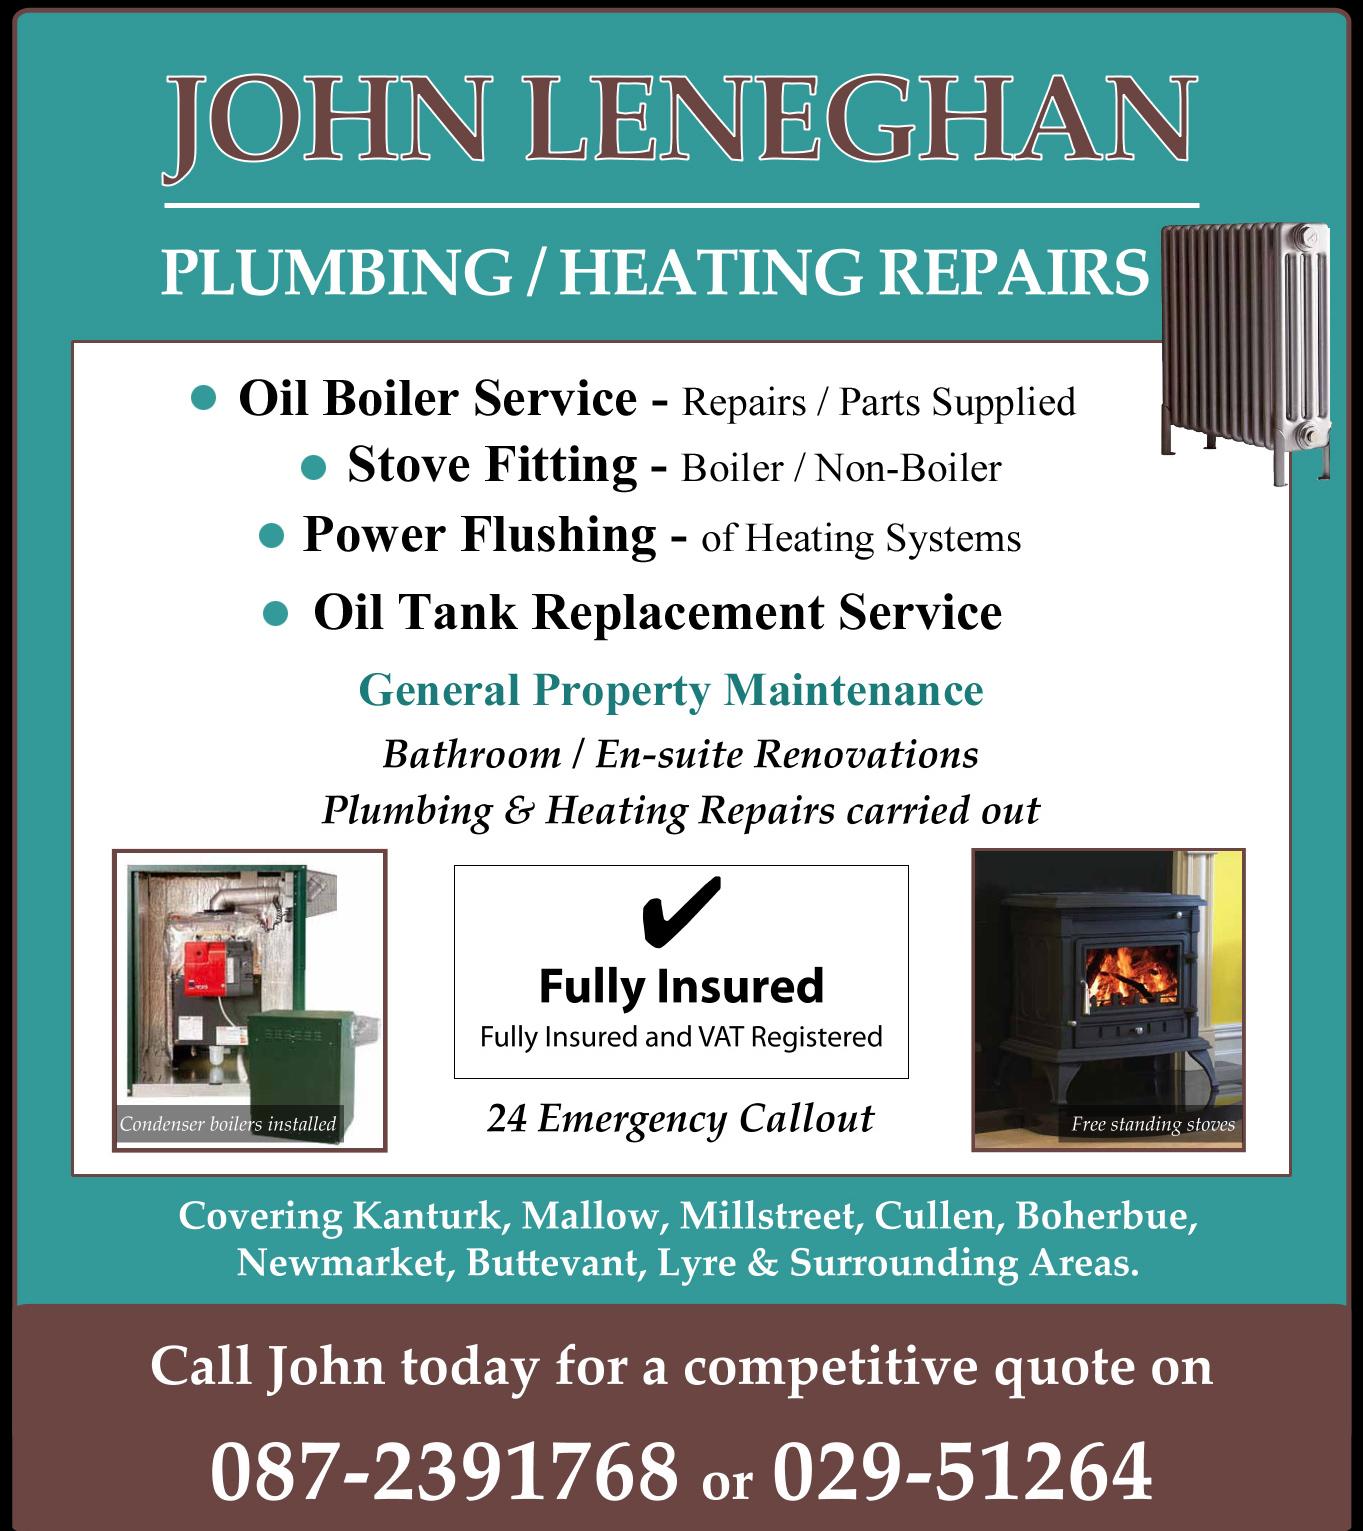 John Leneghan Plumbers Kanturk Plumbing Boilers Kanturk Bathrooms Cork